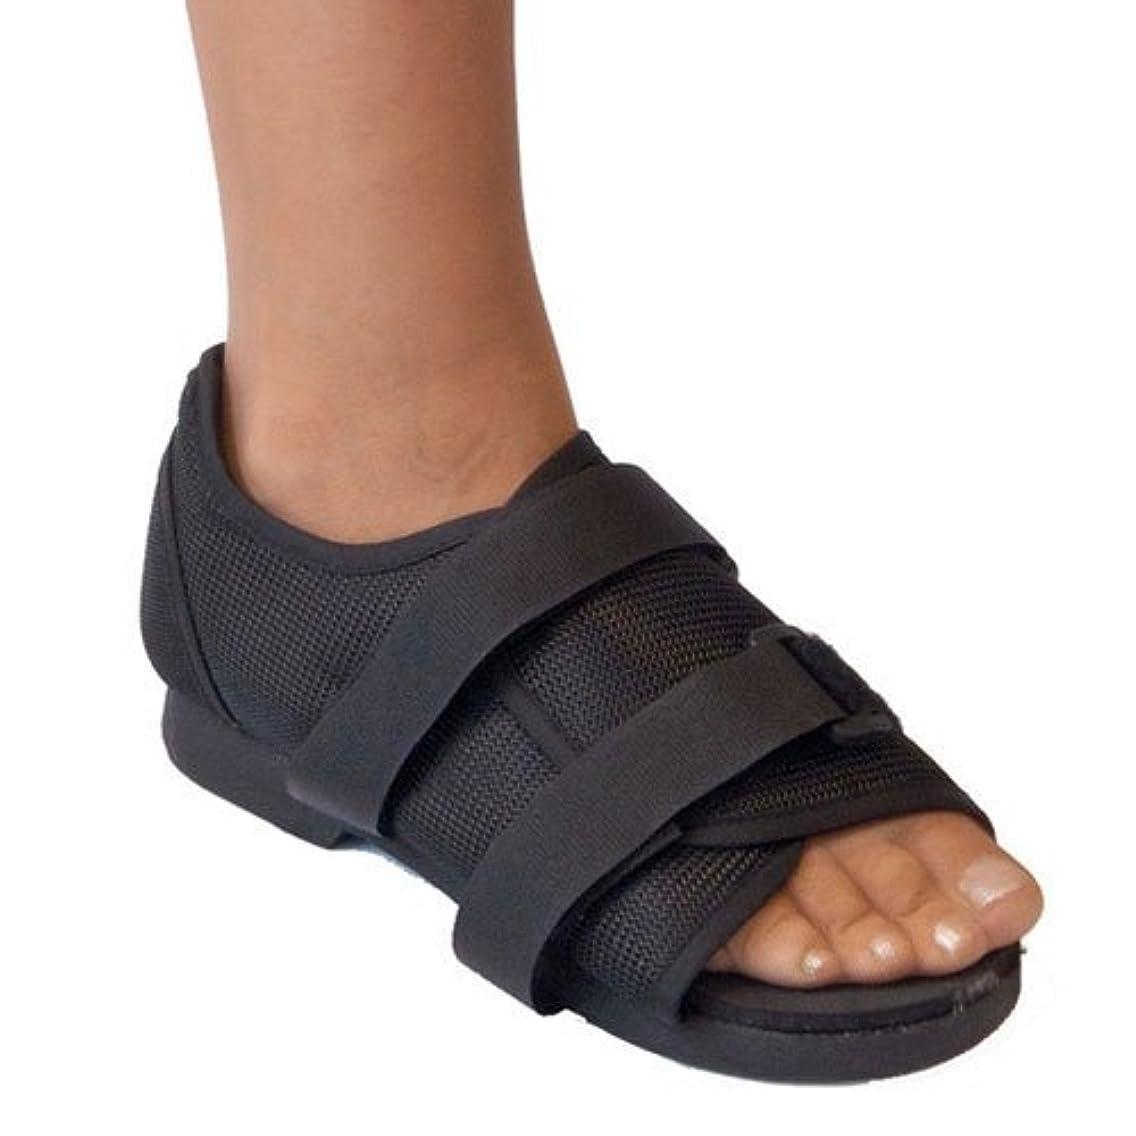 犠牲喪誇大妄想術後靴、メディカルウォーキング、骨折した骨の耐久性のあるつま先整形外科サポートブレース。,M